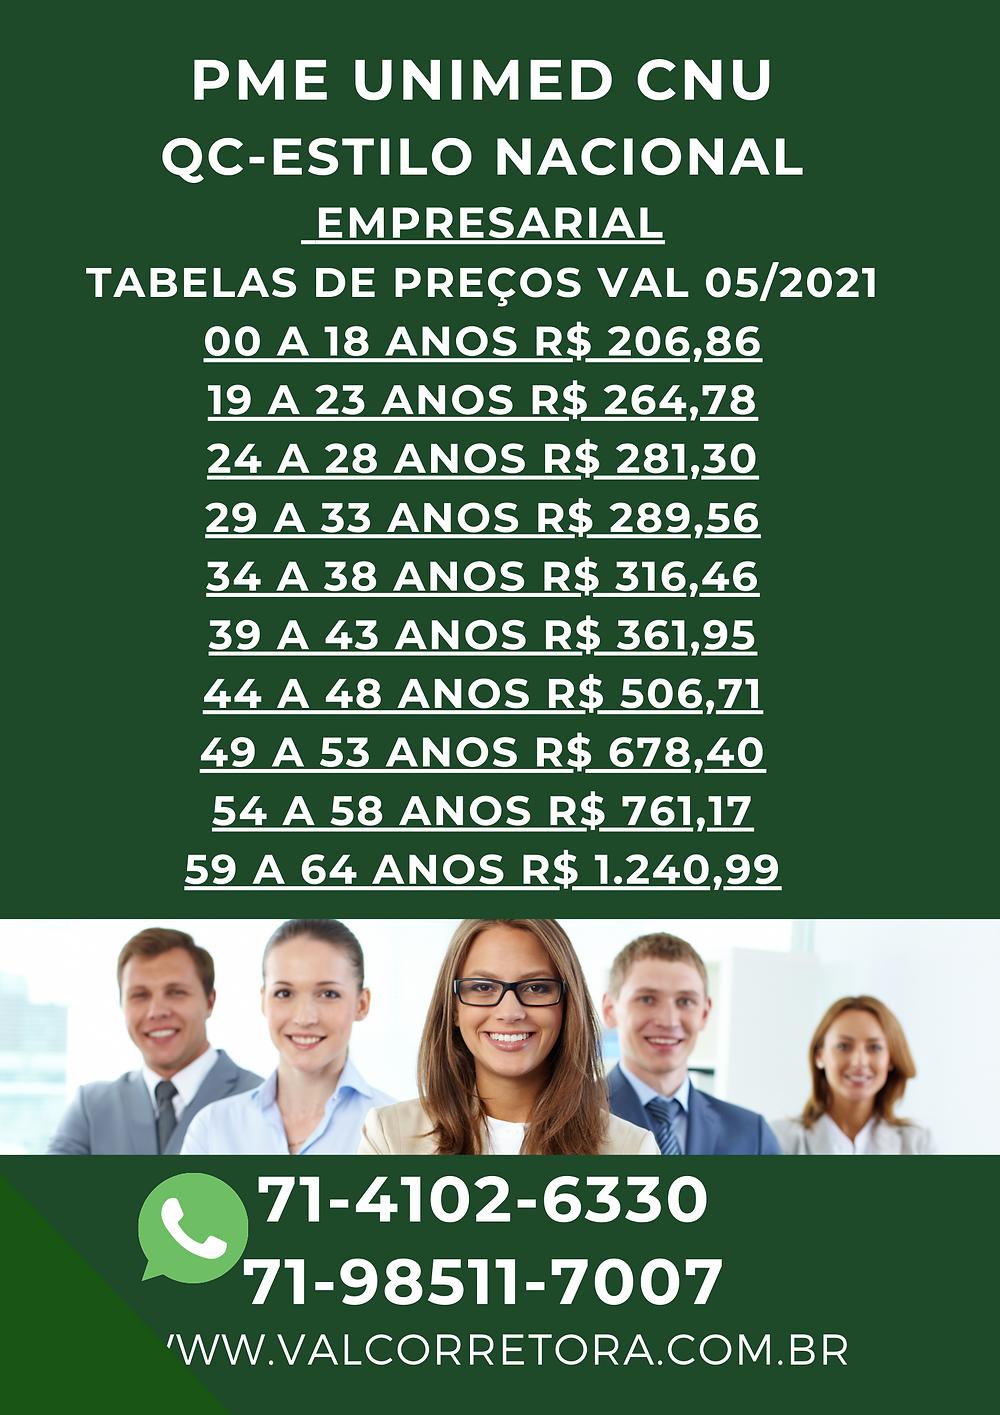 Tabelas de preços Planos de Saude Unimed Empresarial